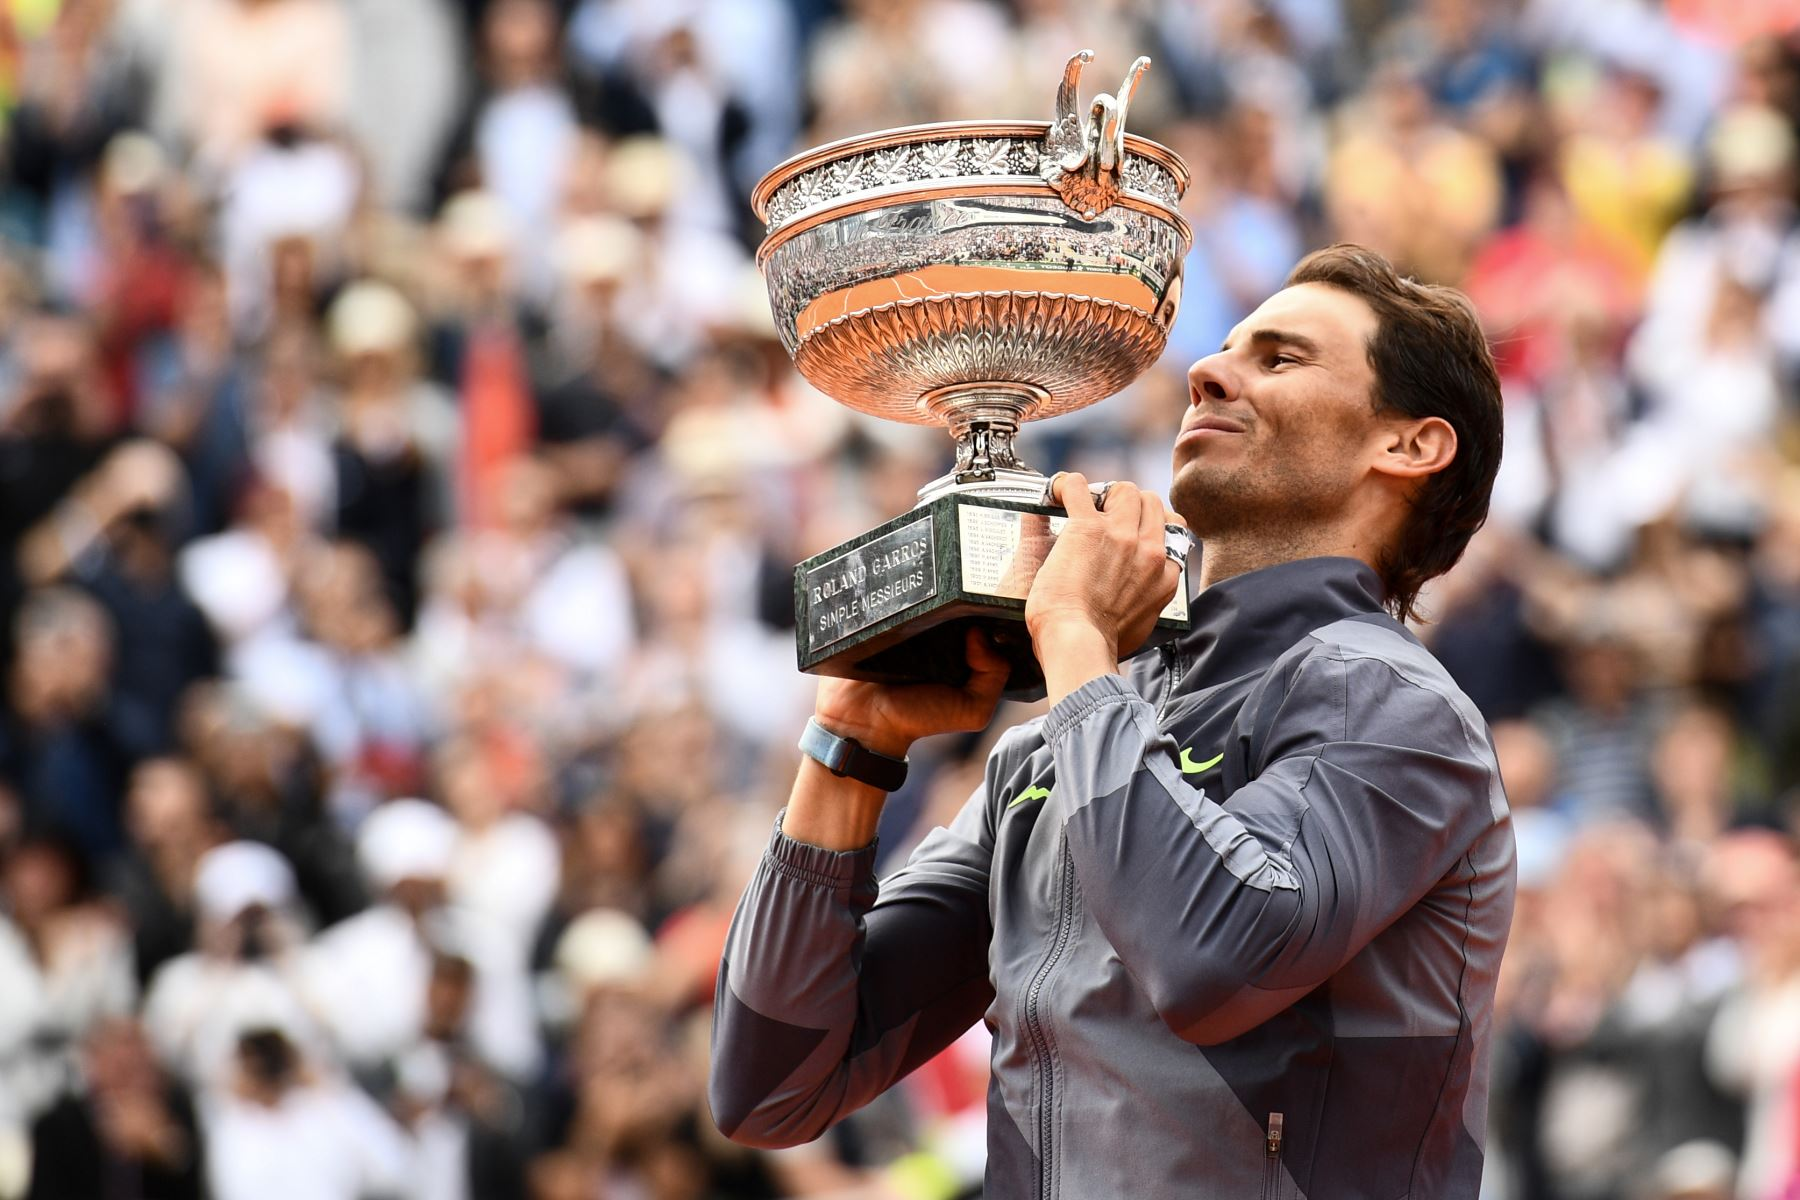 El español Rafael Nadal muerde la Mousquetaires Cup (The Mosqueteros) cuando se presenta al final de la final de individuales masculinos contra el dominic Thiem de Austria del torneo de tenis Roland Garros 2019. Foto:AFP